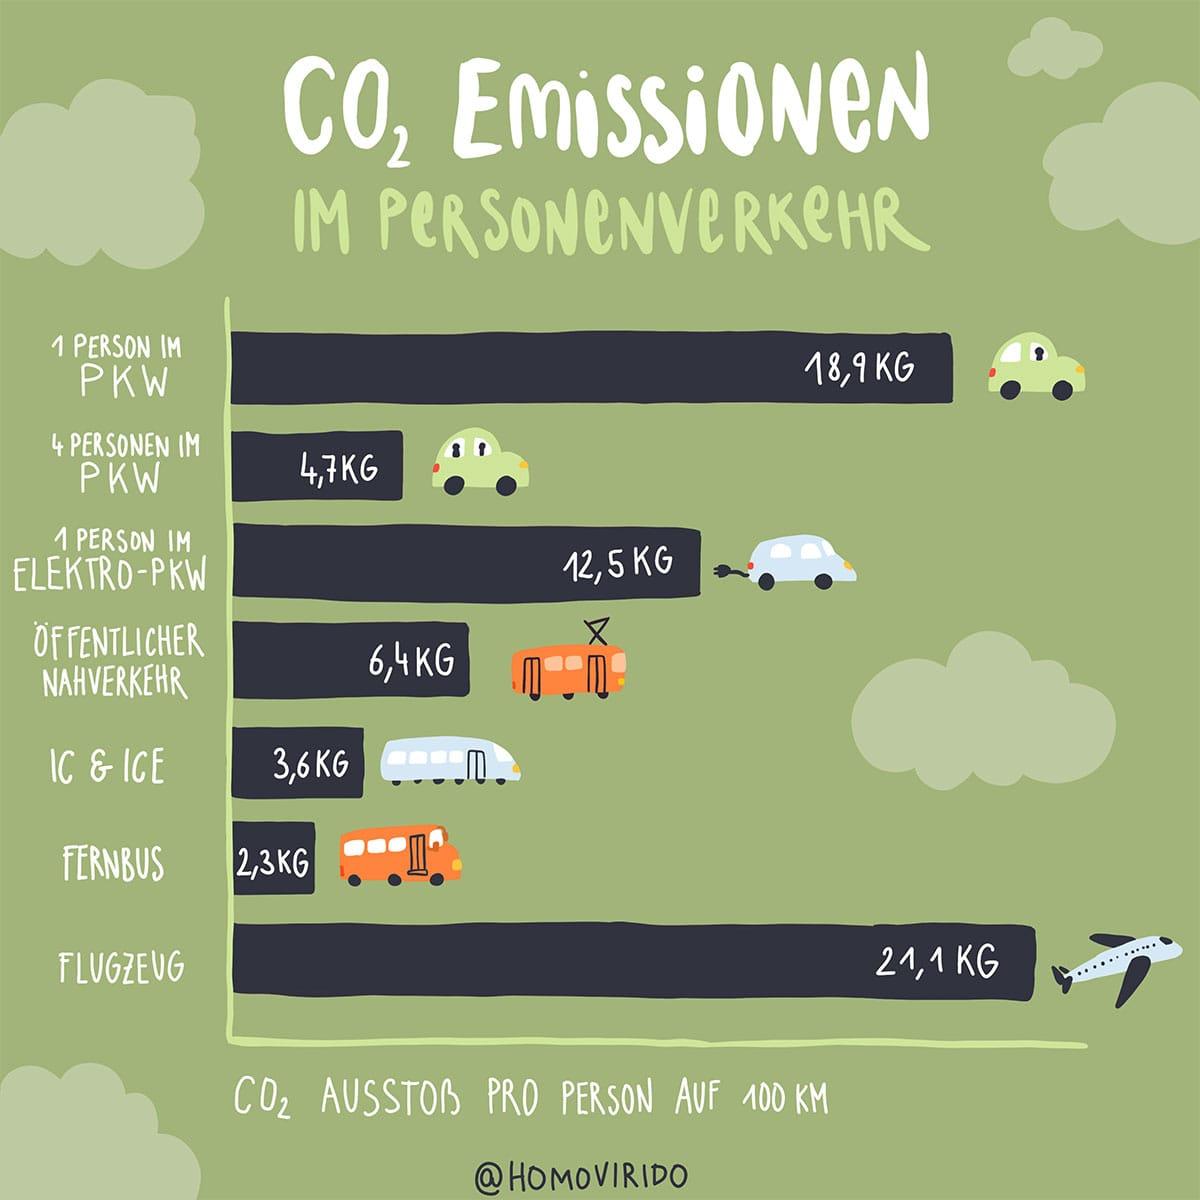 PetraHollaender_CO2_Emissionen_Personenverkehr